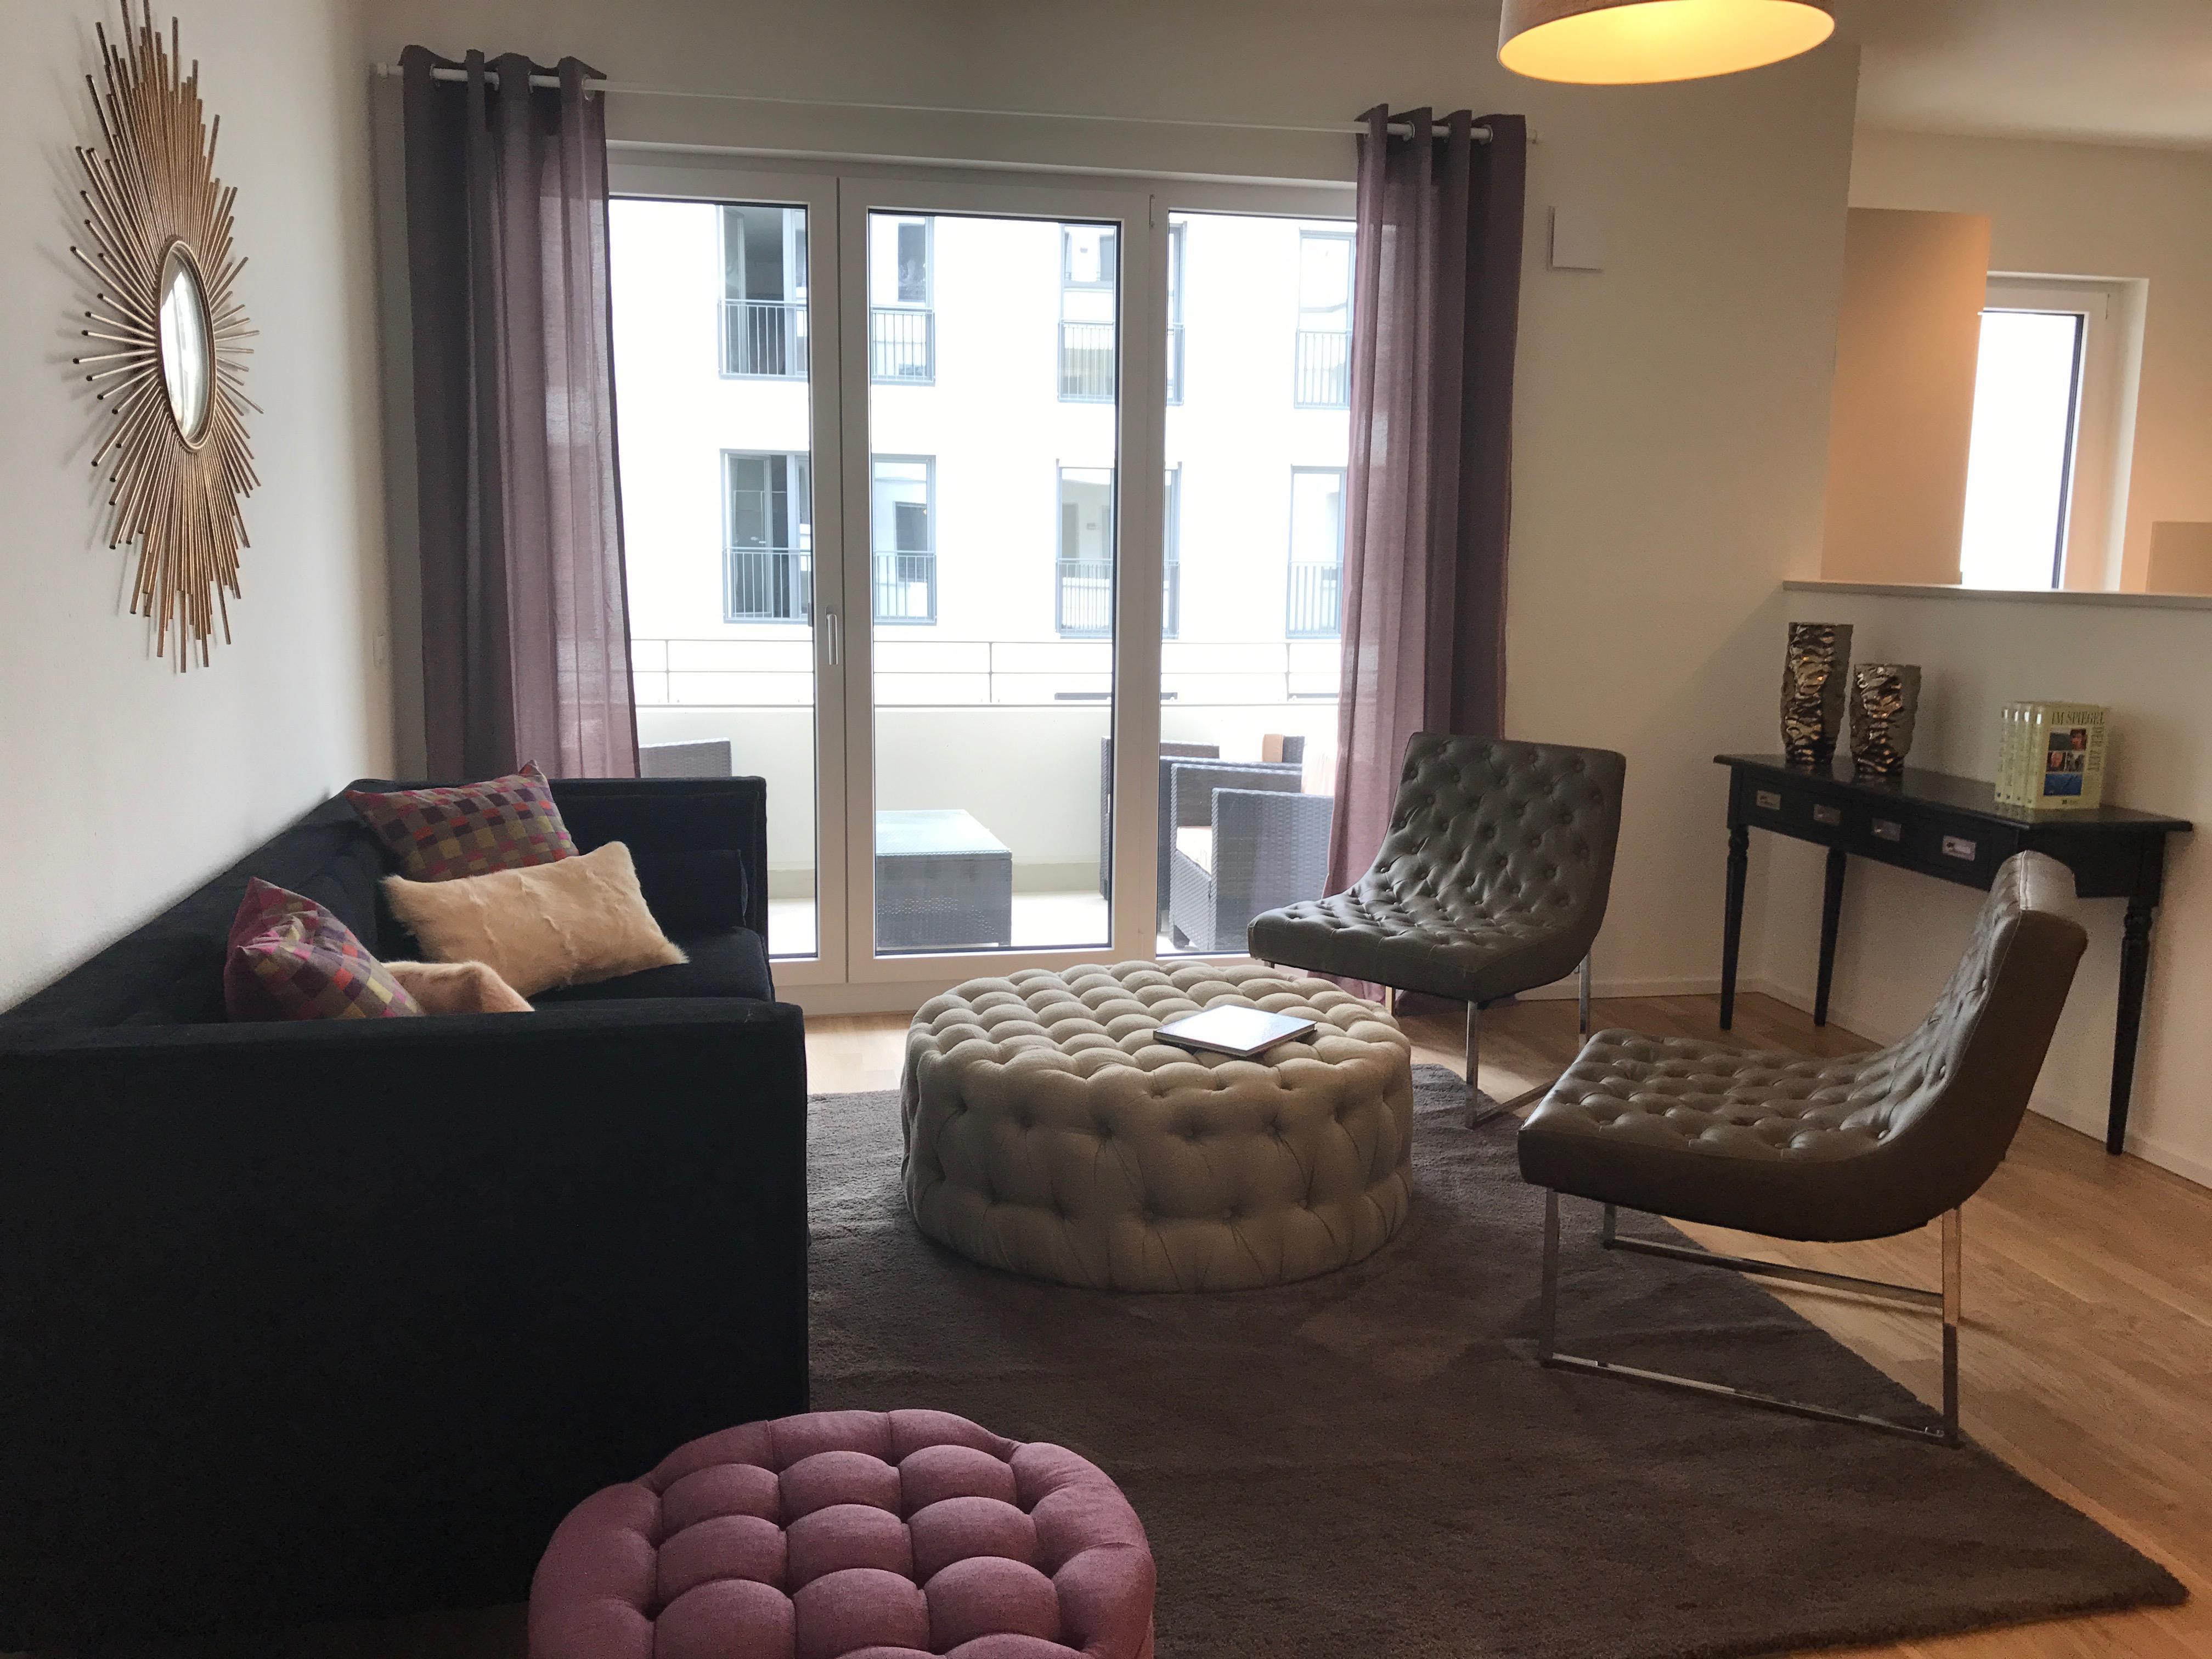 Lila Wohnzimmer, lila wandgestaltung • bilder & ideen • couch, Design ideen